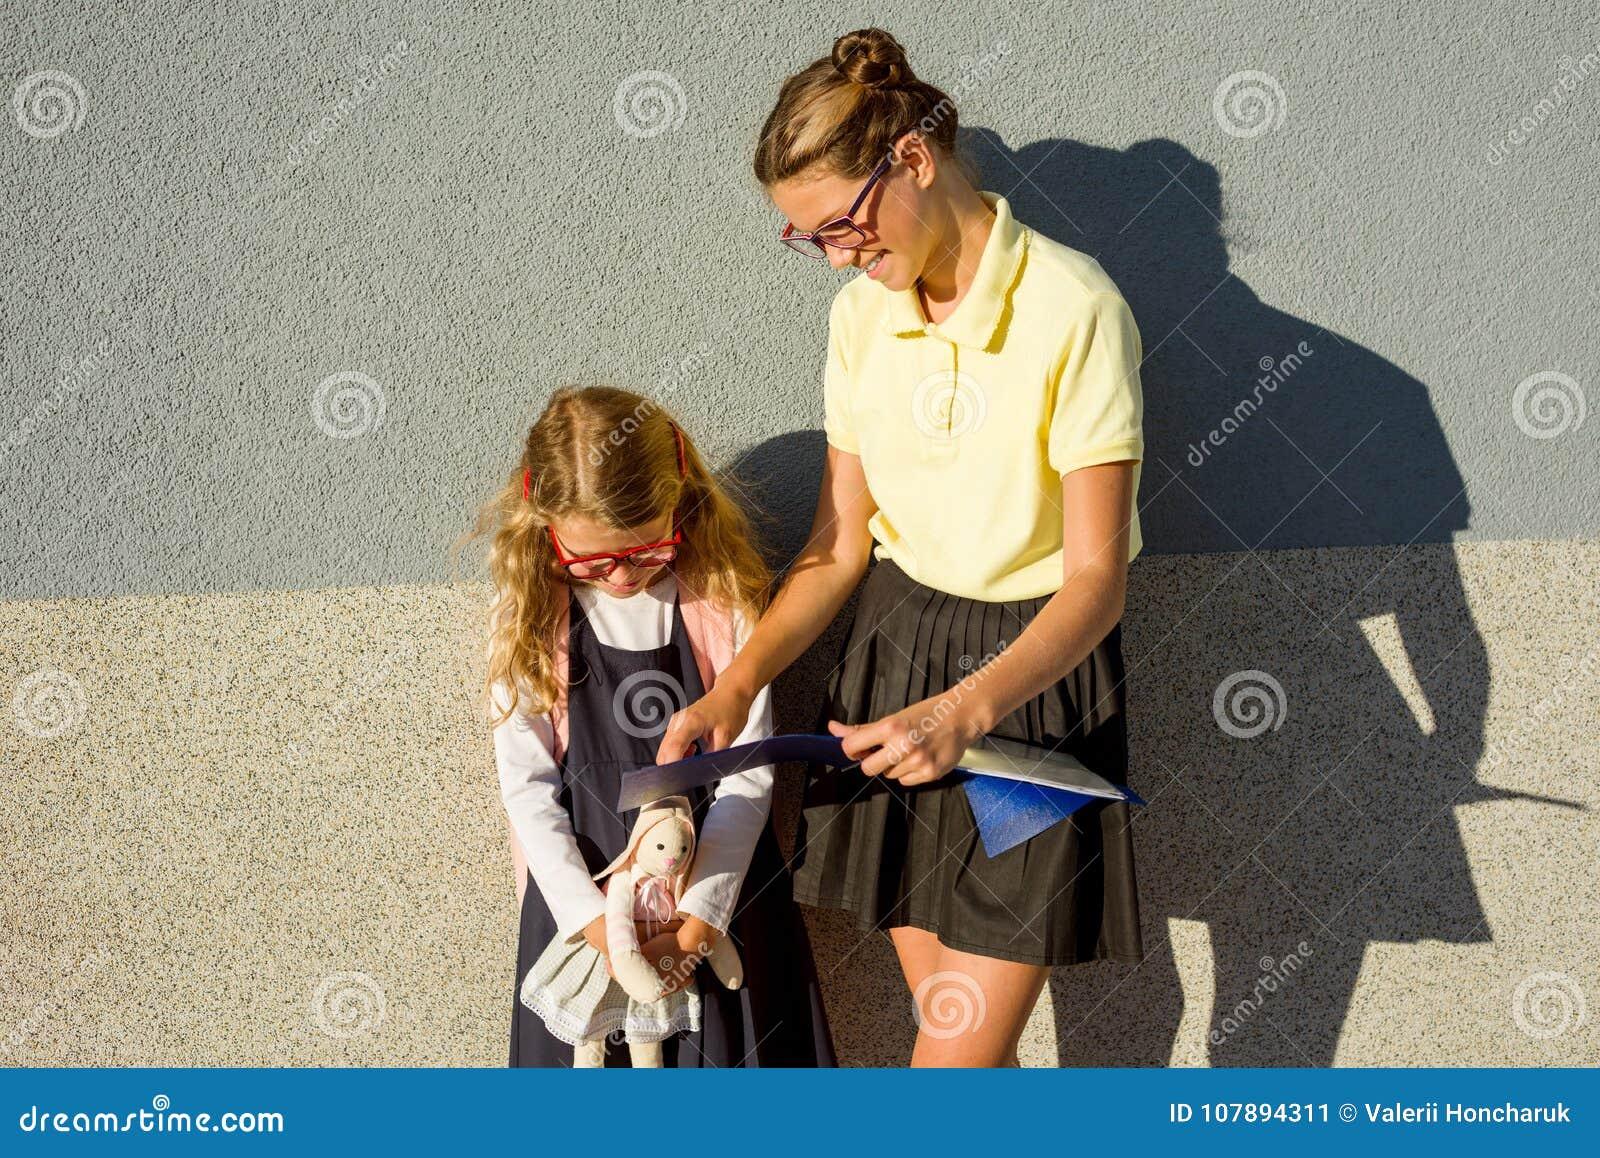 Uno studente della High School aiuta uno studente della scuola elementare ad imparare la t